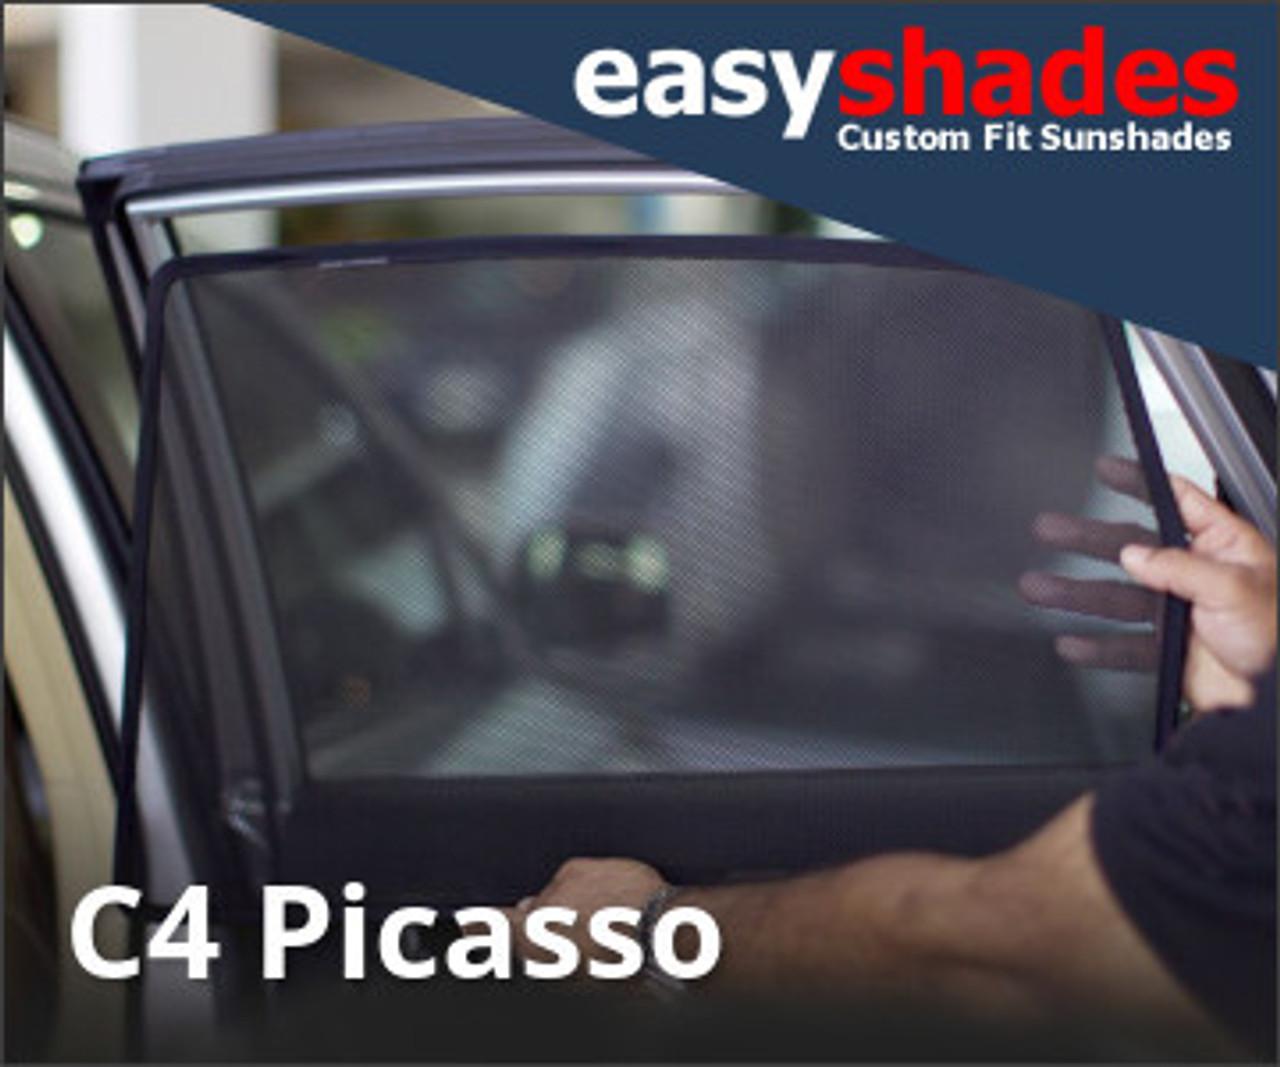 C4 Picasso